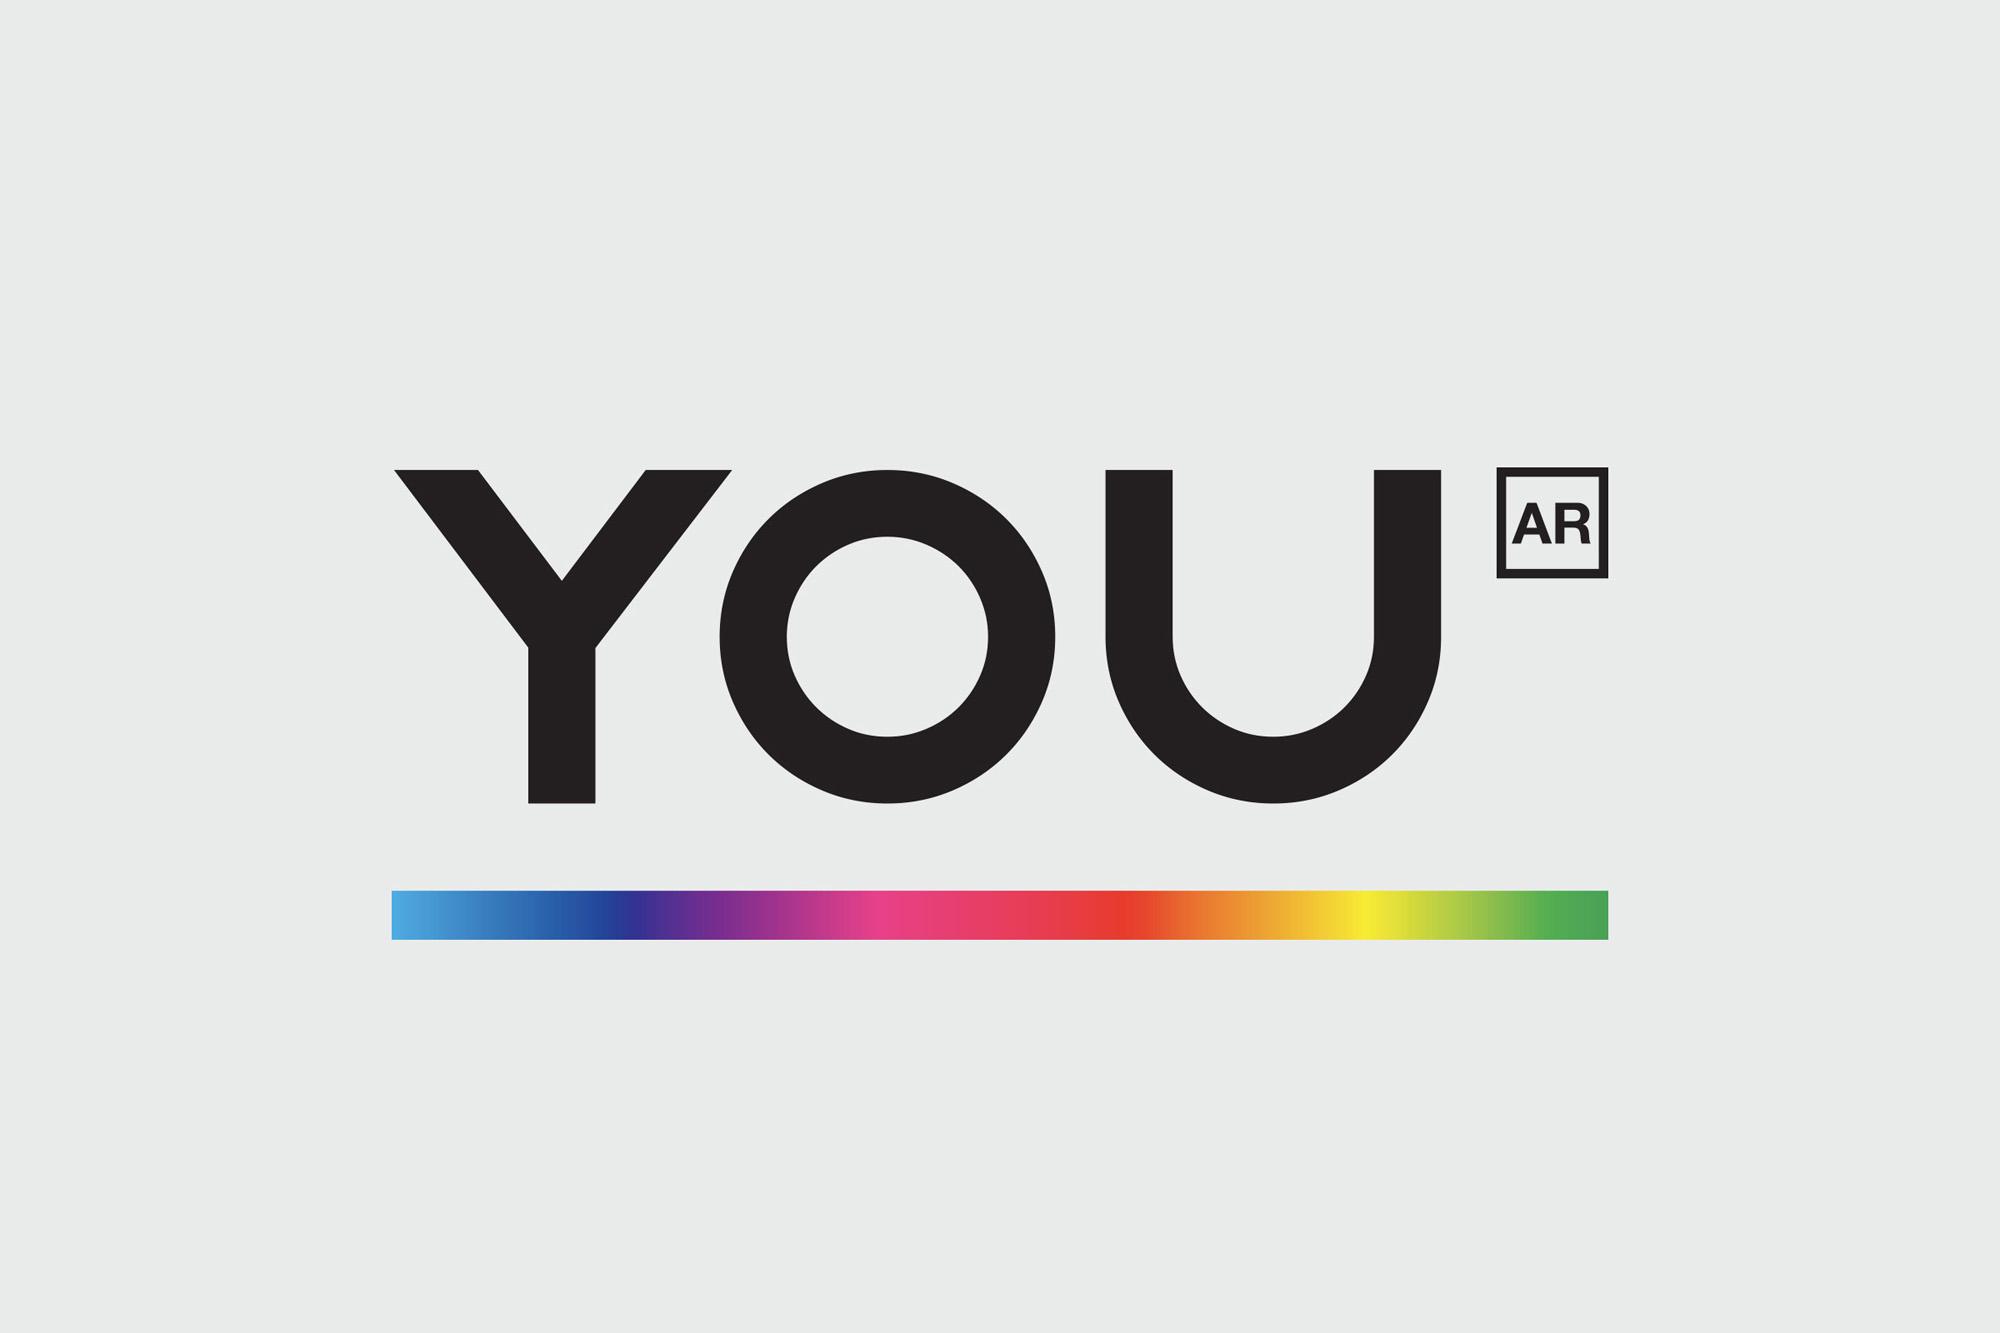 YOUar